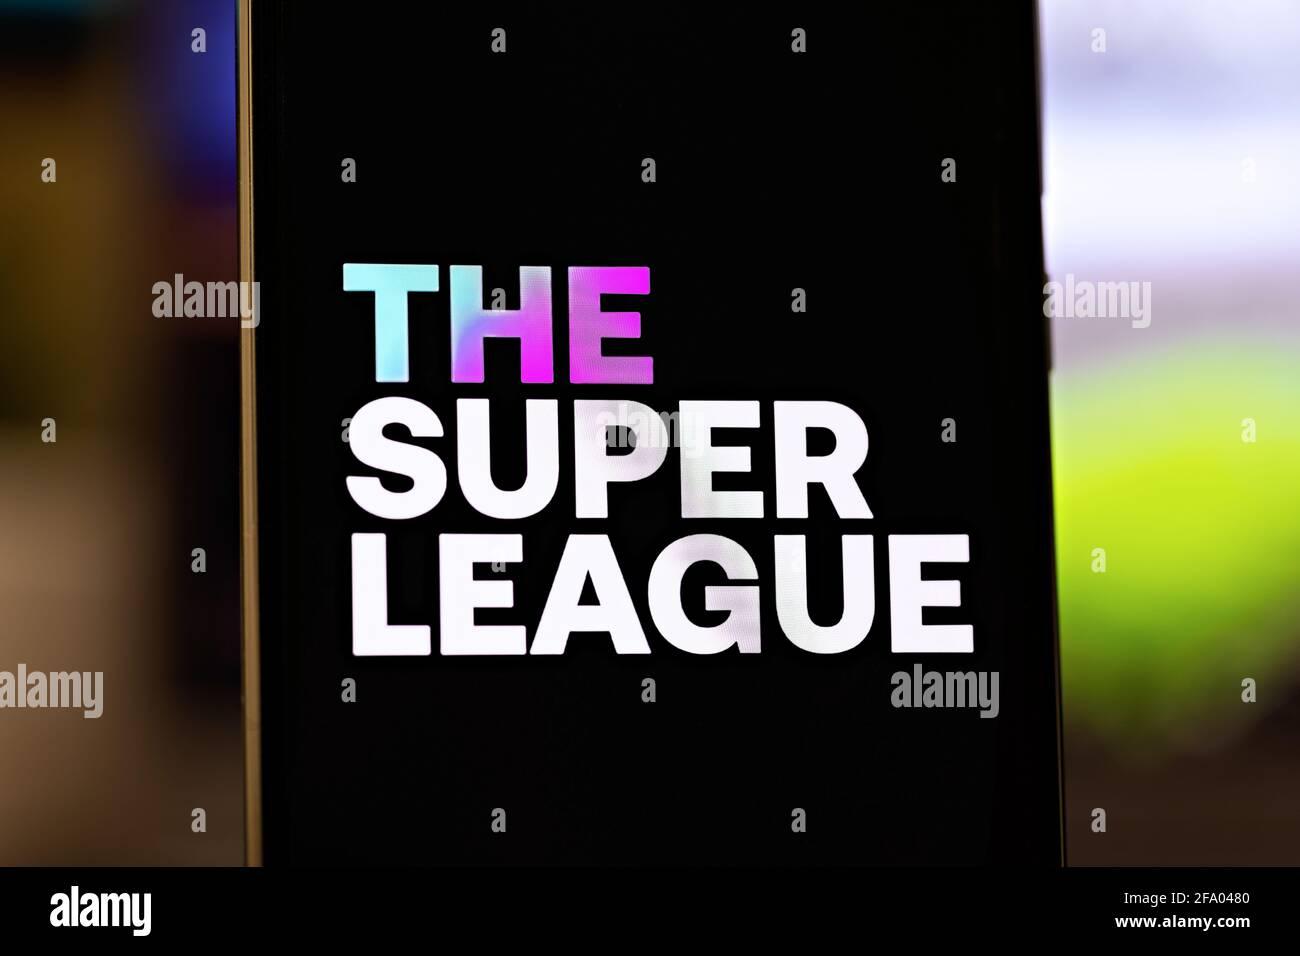 Foto editoriale sul tema della Super League. Foto illustrativa per notizie sulla Super League - una competizione calcistica di alto livello europeo Foto Stock